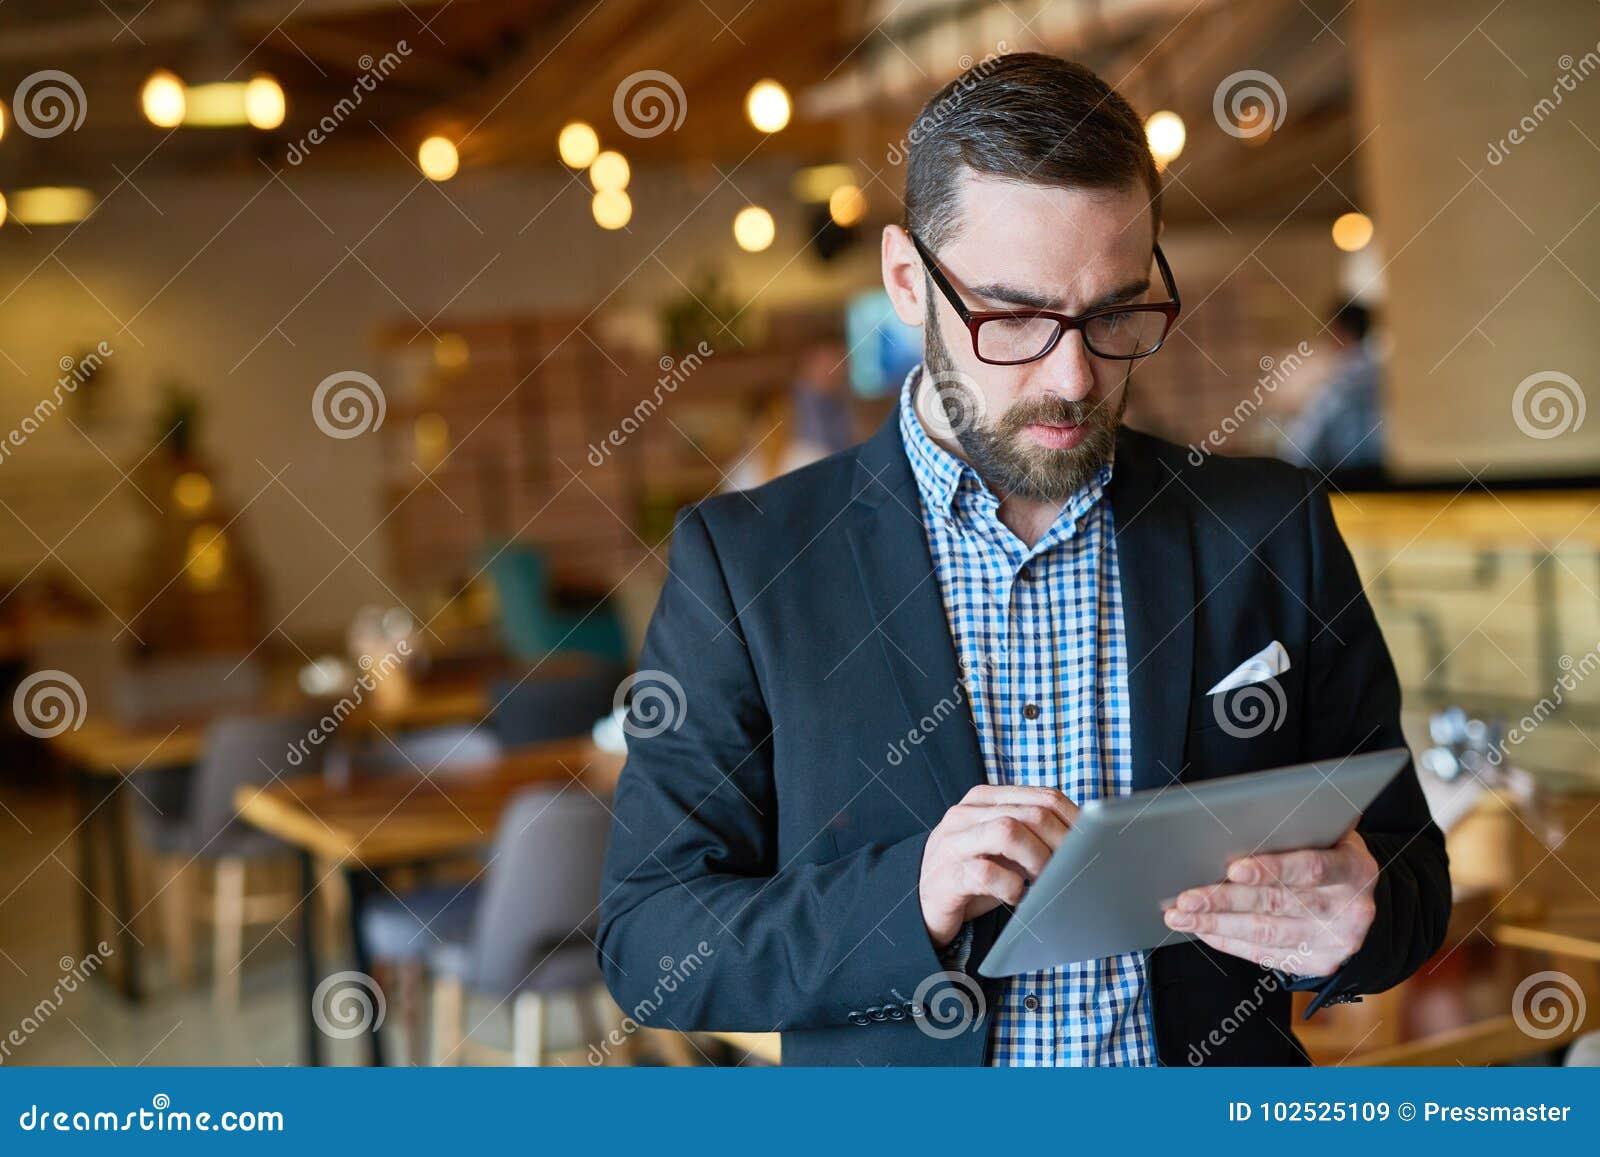 Directeur barbu Using Digital Tablet